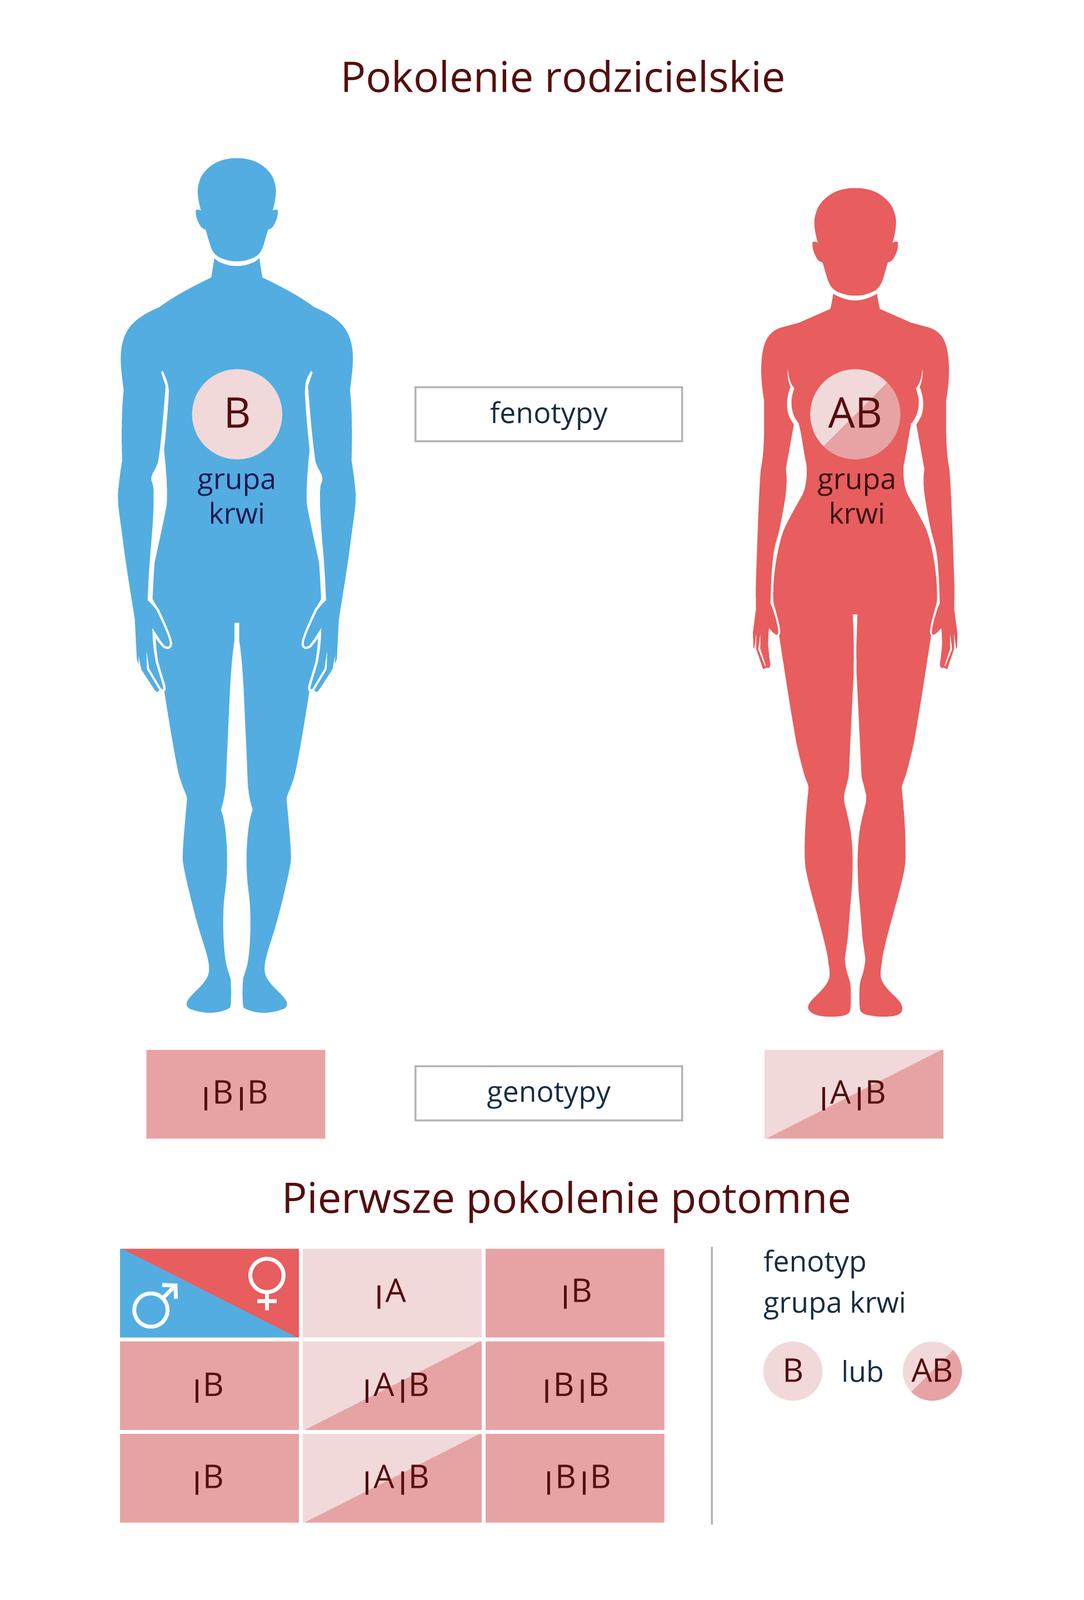 Ilustracje krzyżówek genetycznych mają dać odpowiedź na pytanie, czy dzieci rodziców, mających grupy krwi BiAB mogą mieć grupę krwi 0? Ilustracja przestawia niebieską sylwetkę mężczyzny zgrupą krwi Biróżową sylwetkę kobiety zgrupą krwi AB. Pod nimi wypisane genotypy: mężczyzna jest homozygotą. Poniżej na różowym tle krzyżówka genetyczna. Wpokoleniu potomnym połowa dzieci ma krew grupy AB, połowa grupy B.